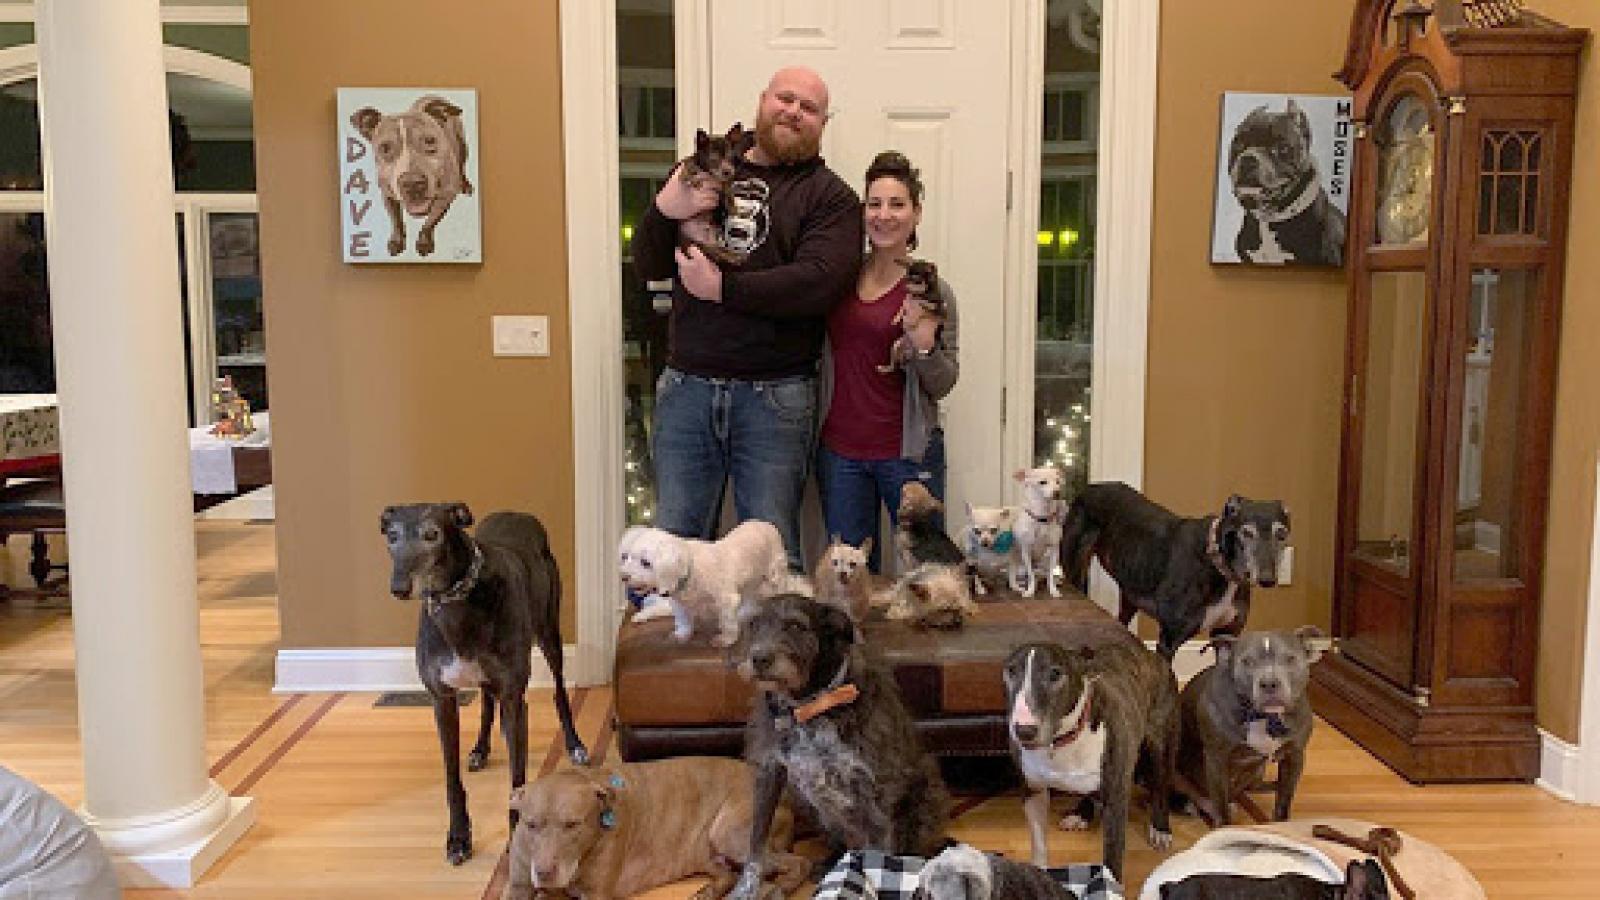 Cặp vợ chồng nuôi hơn 20 chú chó khuyết tật trong nhà